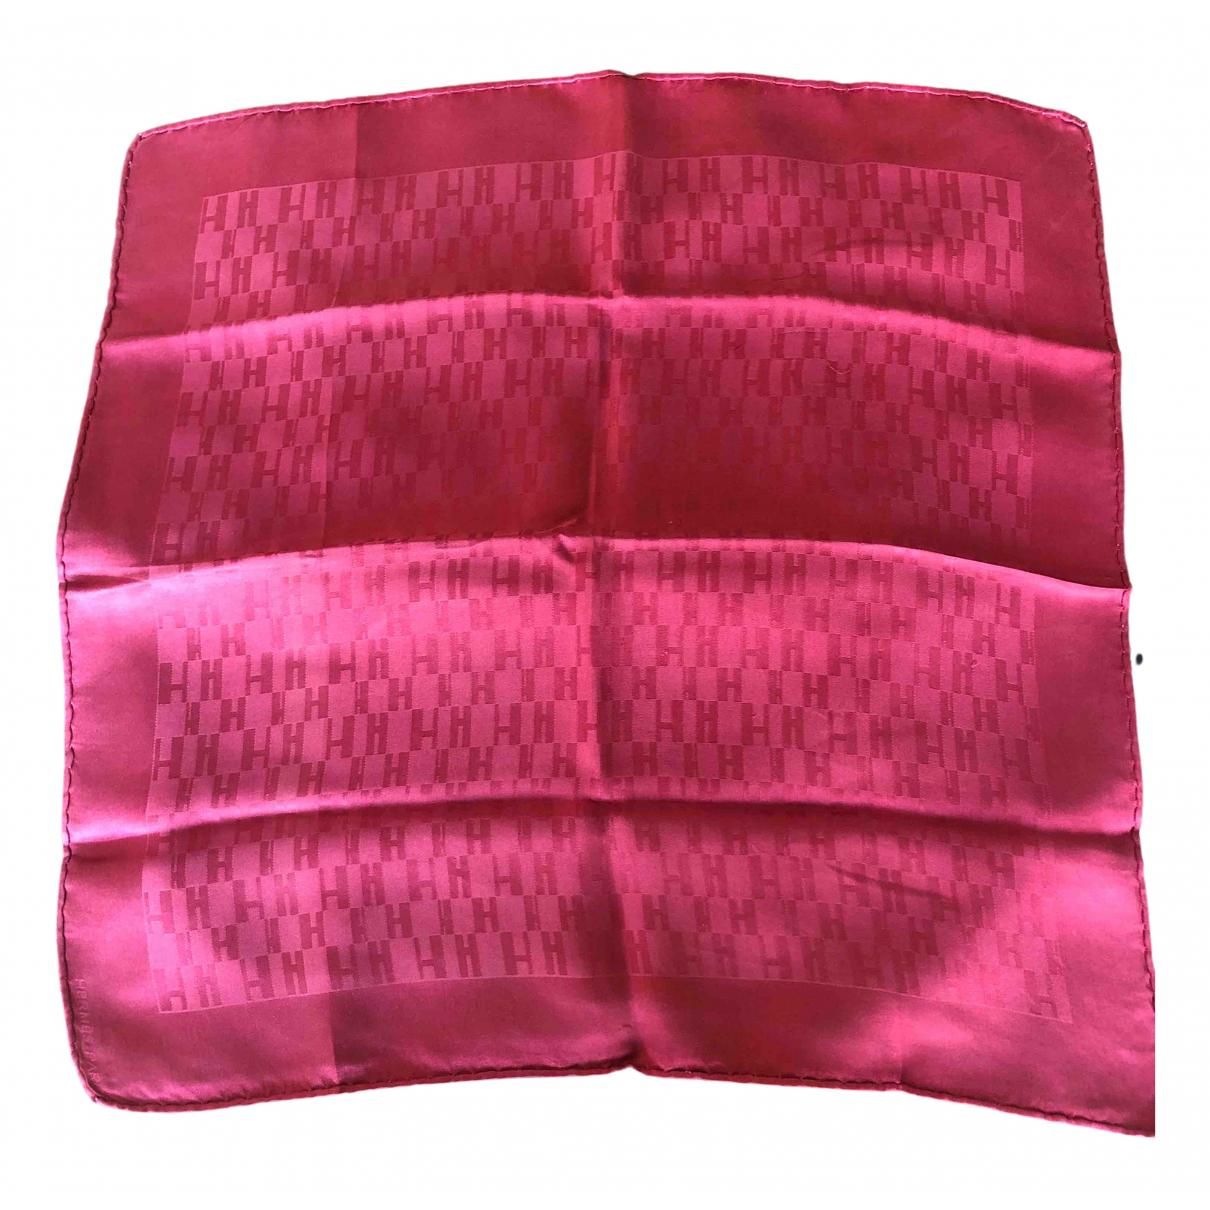 Hermes Bandana 55 Schal in  Bunt Seide